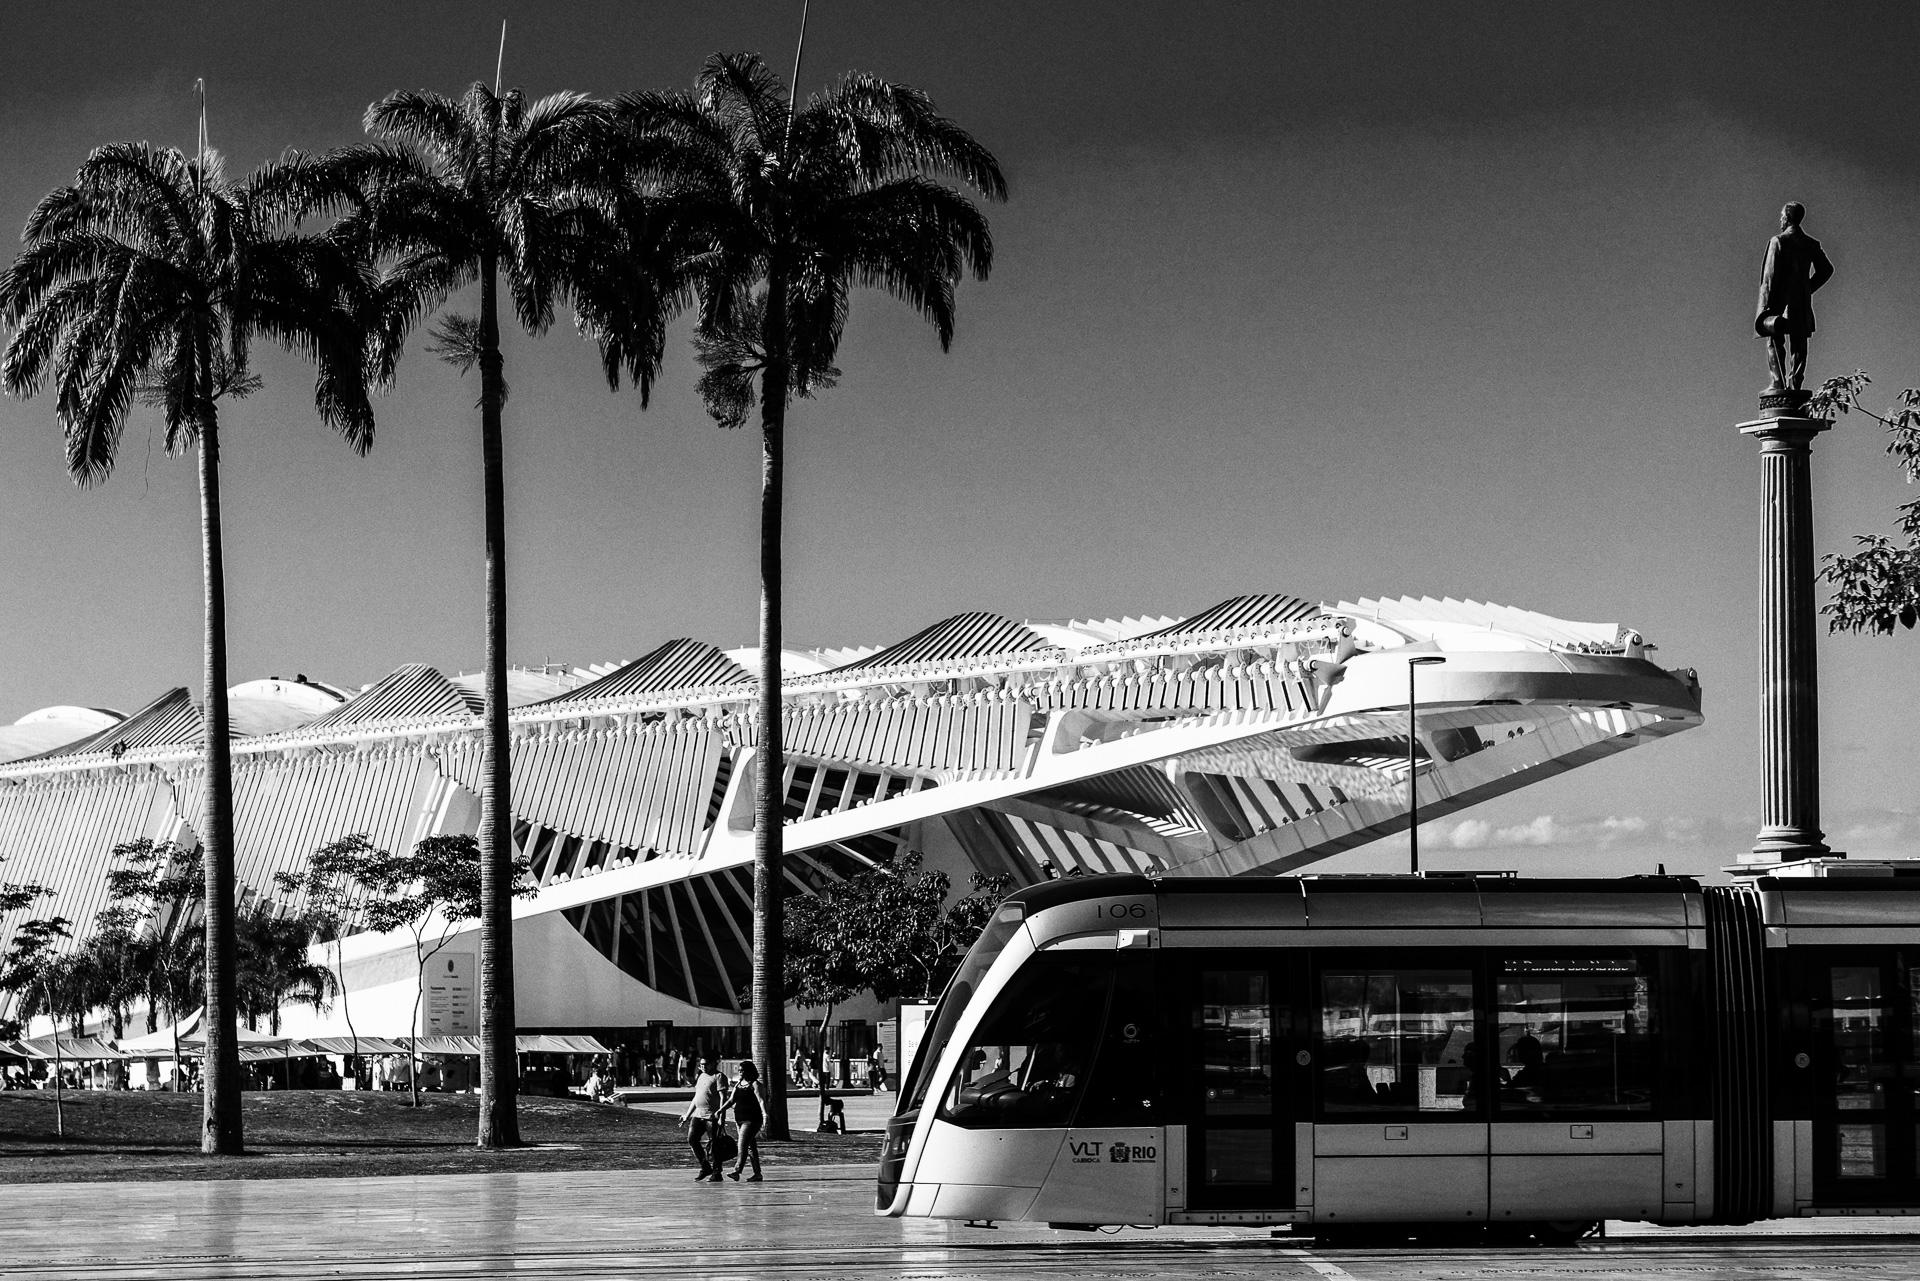 30/06/2017_VLT.Rio Operação Estação-Parada: Museus.